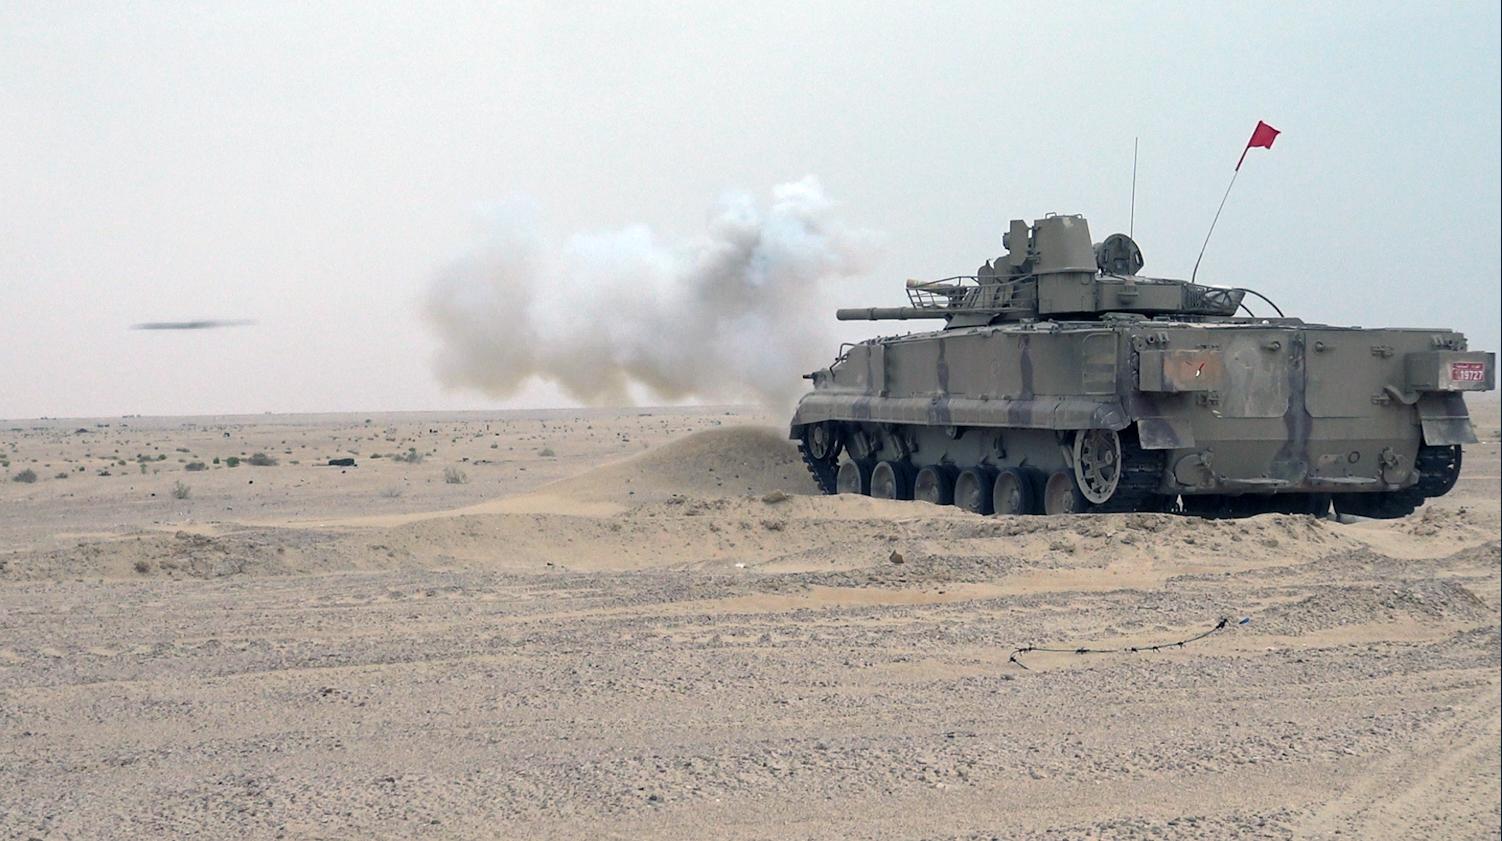 """تواصل فعاليات التمرين العسكري المشترك """"ناتيڤ فيوري 20 """" بين القوات الإماراتیة والأمریكیة"""